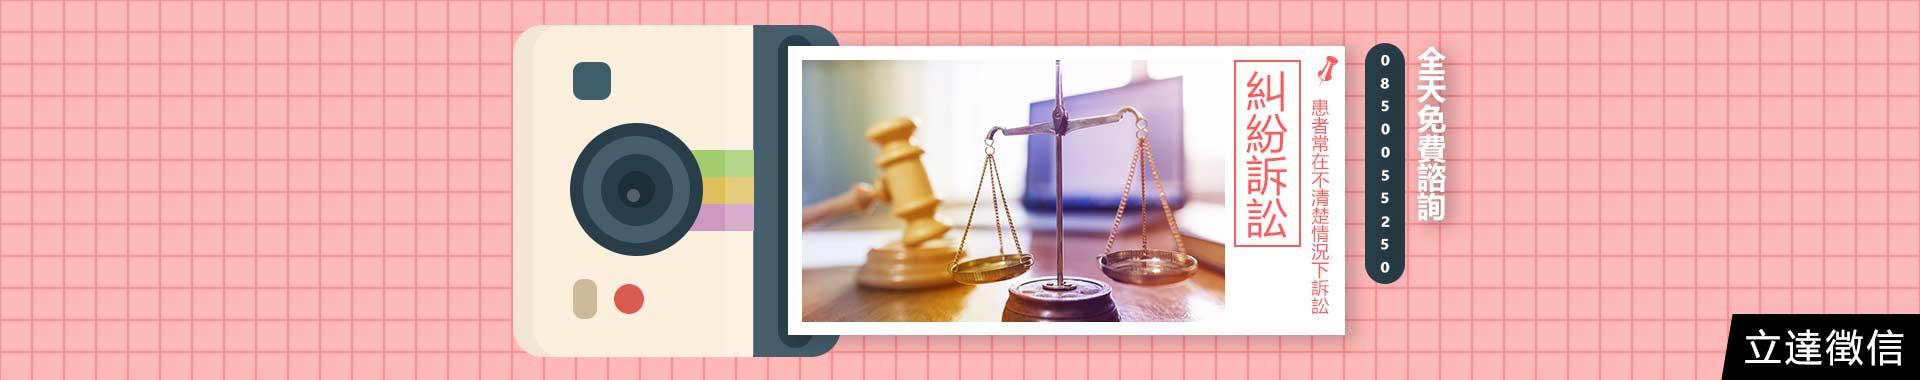 醫療糾紛訴訟